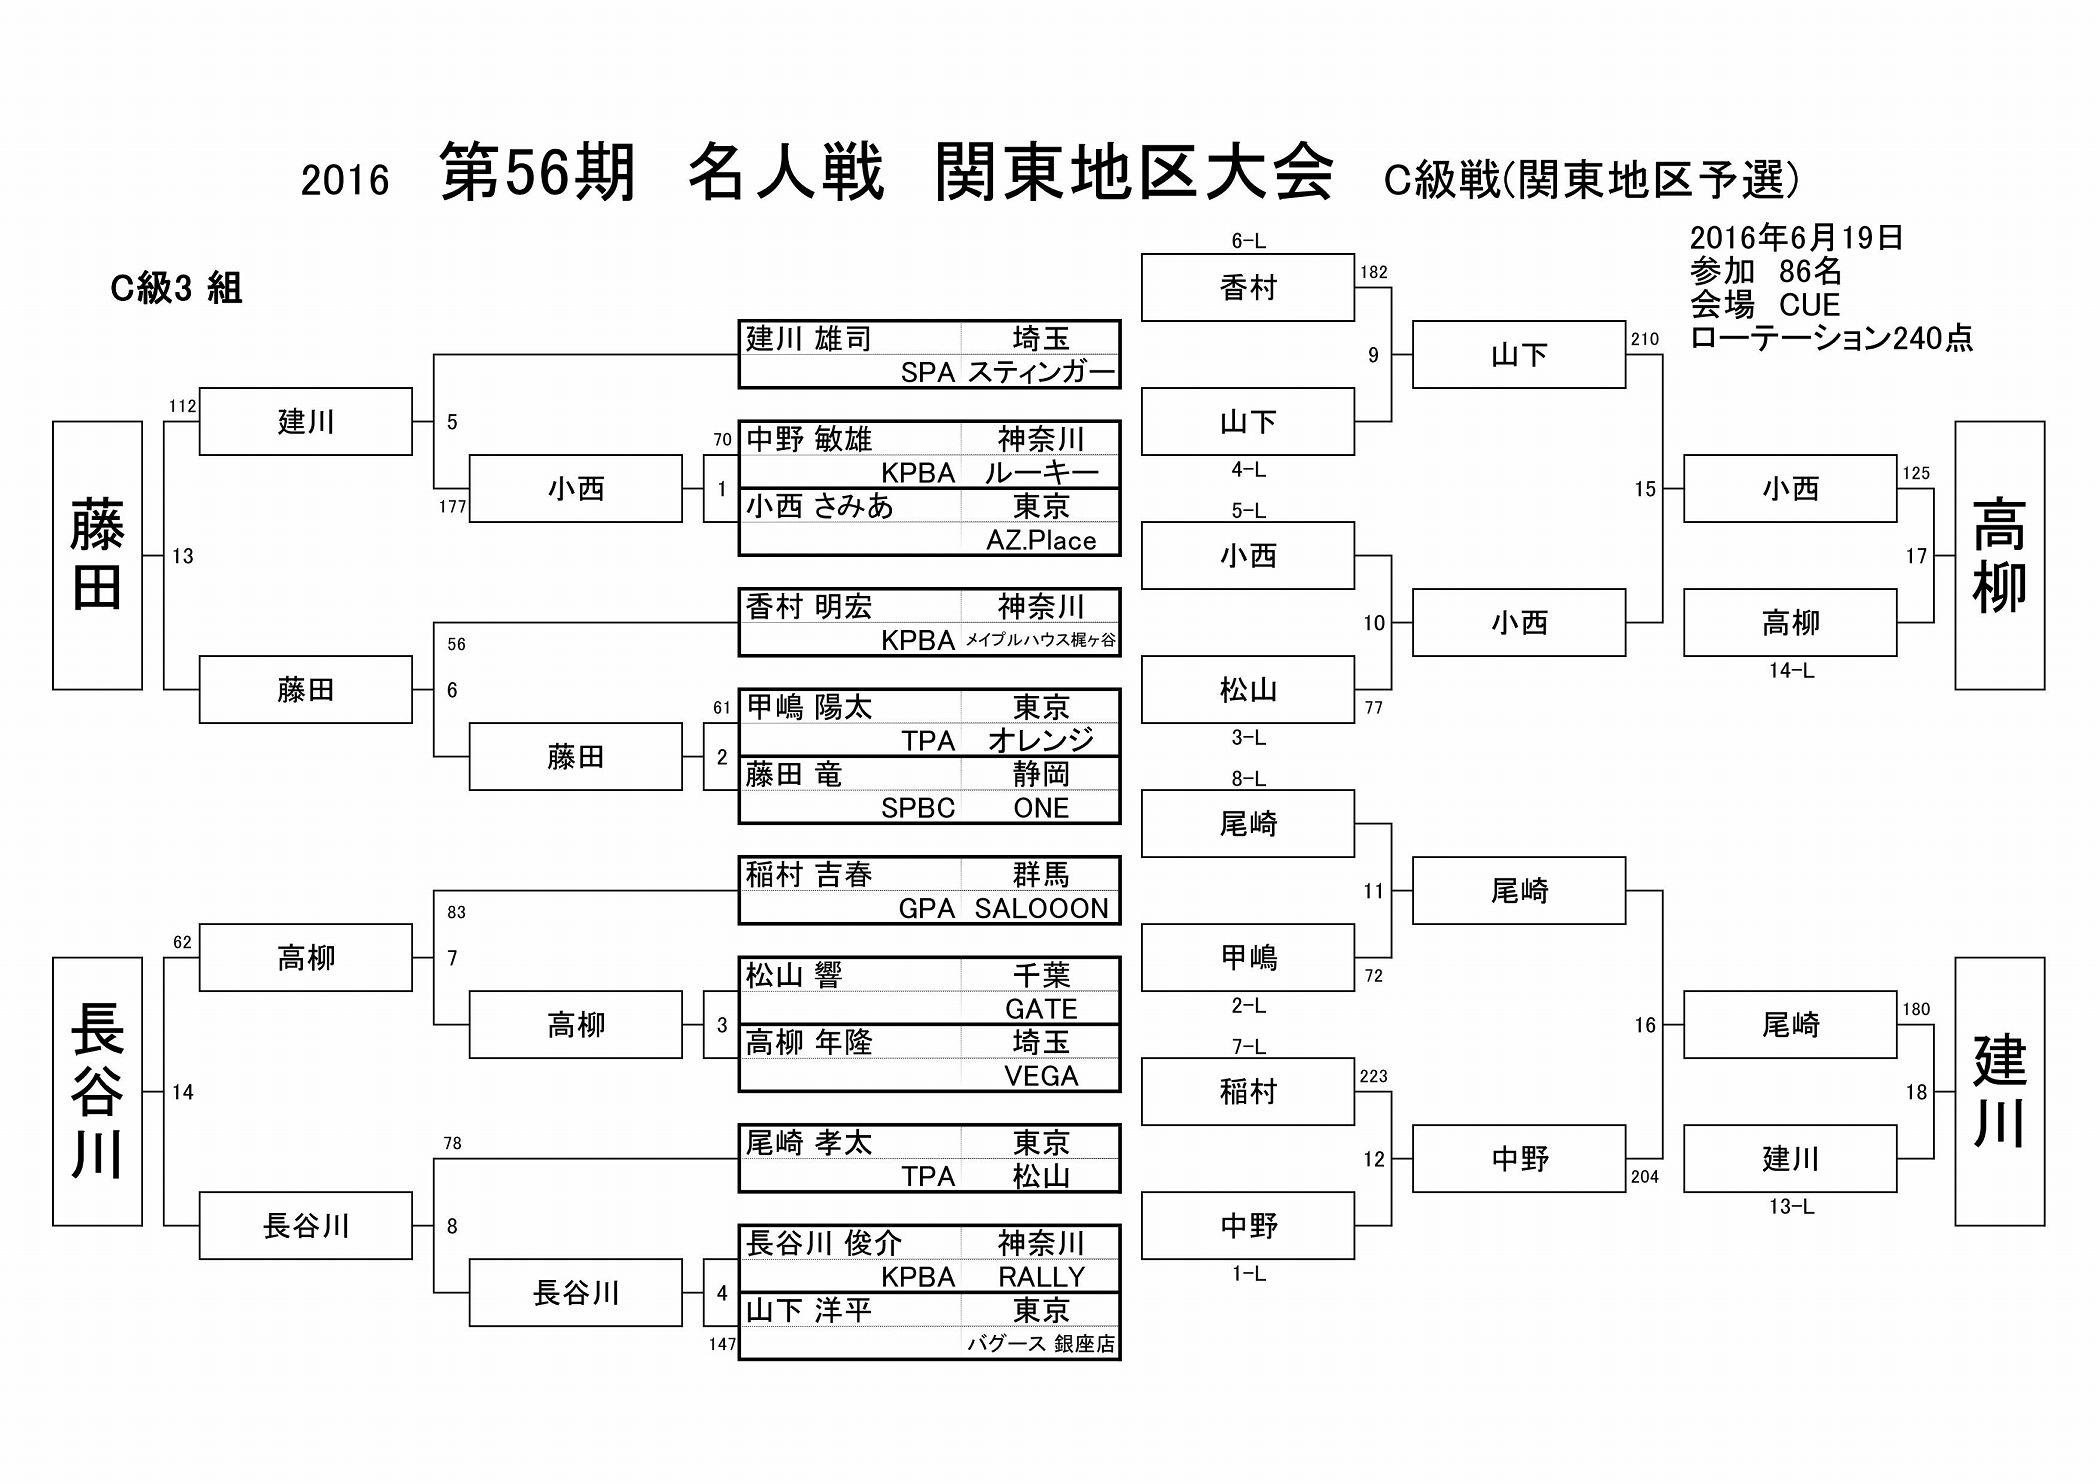 2016名人戦C級戦結果(関東地区)_03